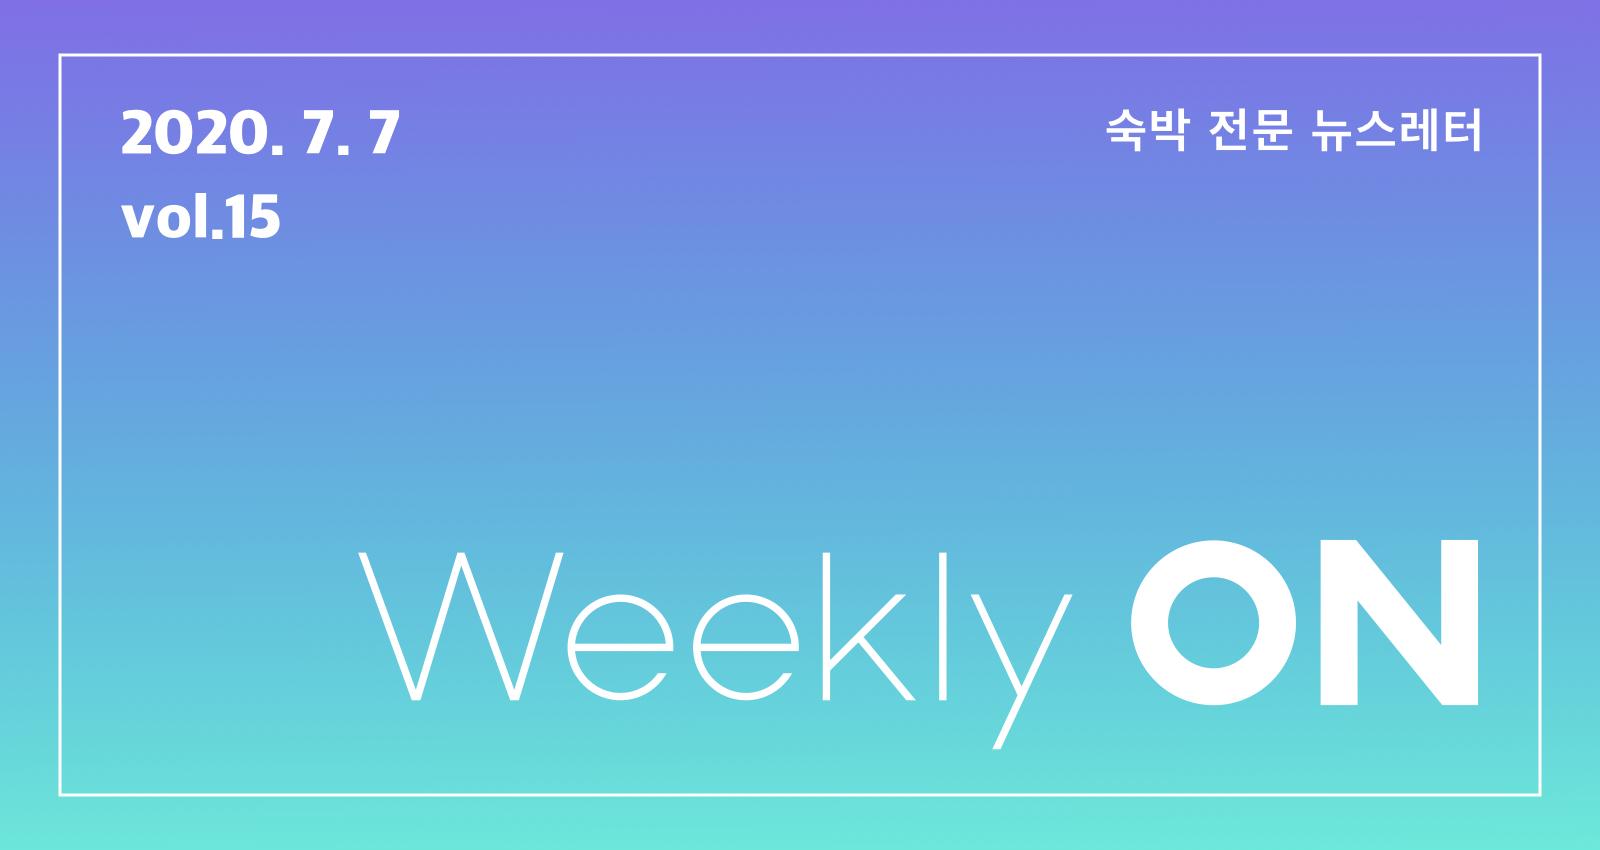 [뉴스레터] Weekly ON 2020년 7월 소식